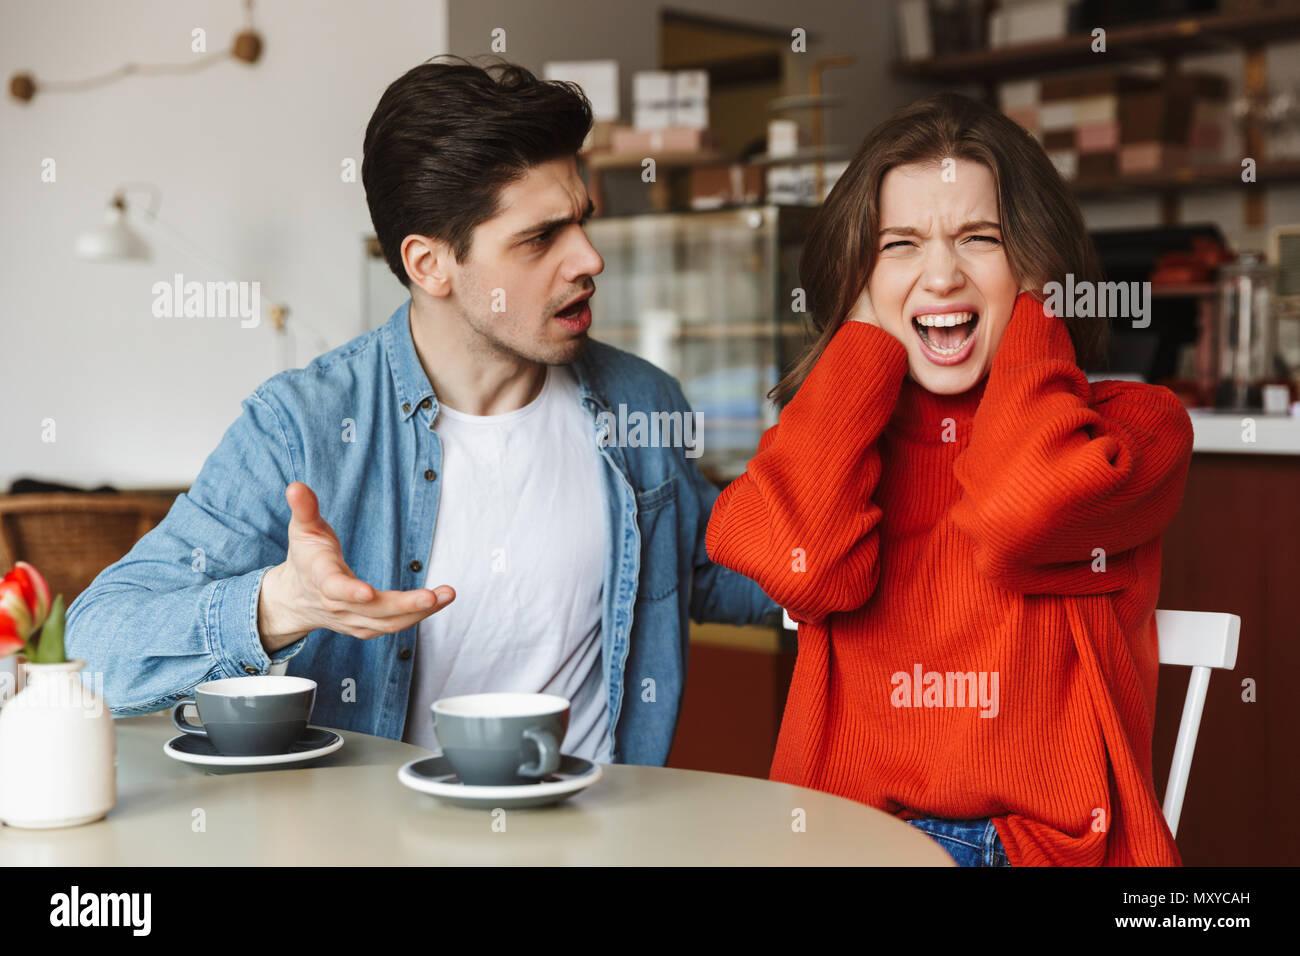 Deluso giovane donna e uomo 20s a urlare e avente litigare pur avendo pausa caffè presso il café Immagini Stock